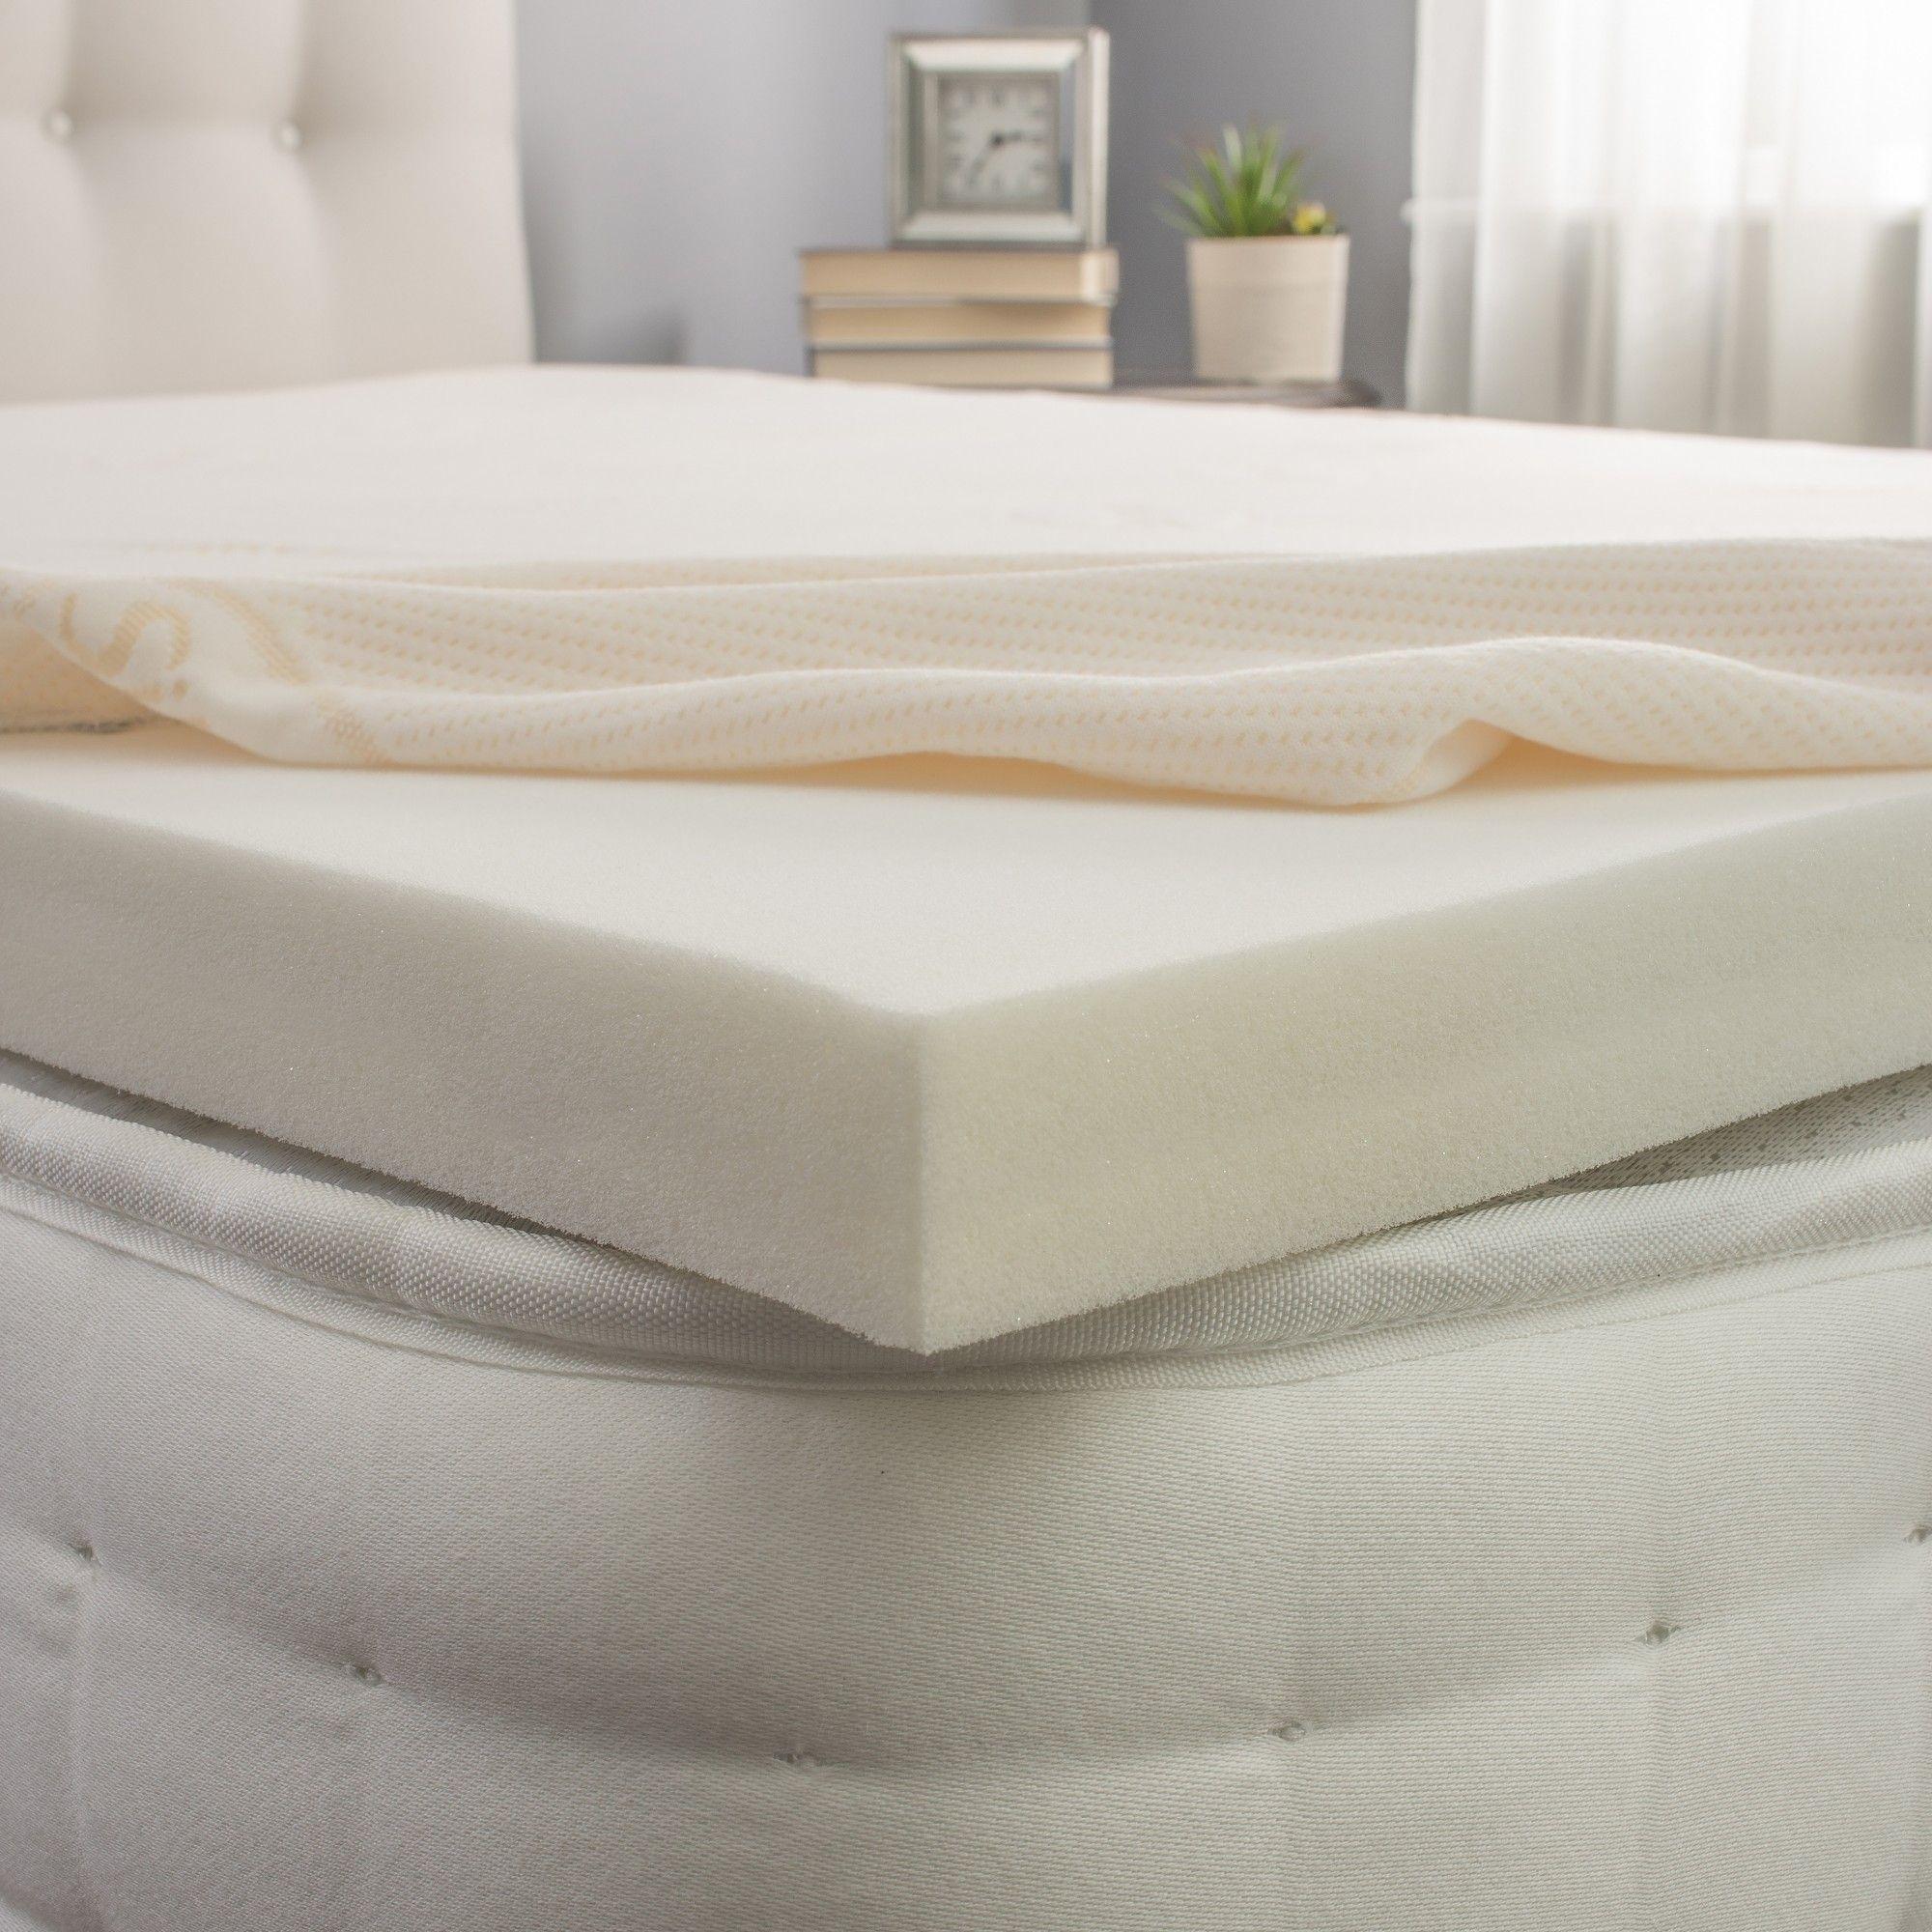 Silentnight mattress with foam technology beddings